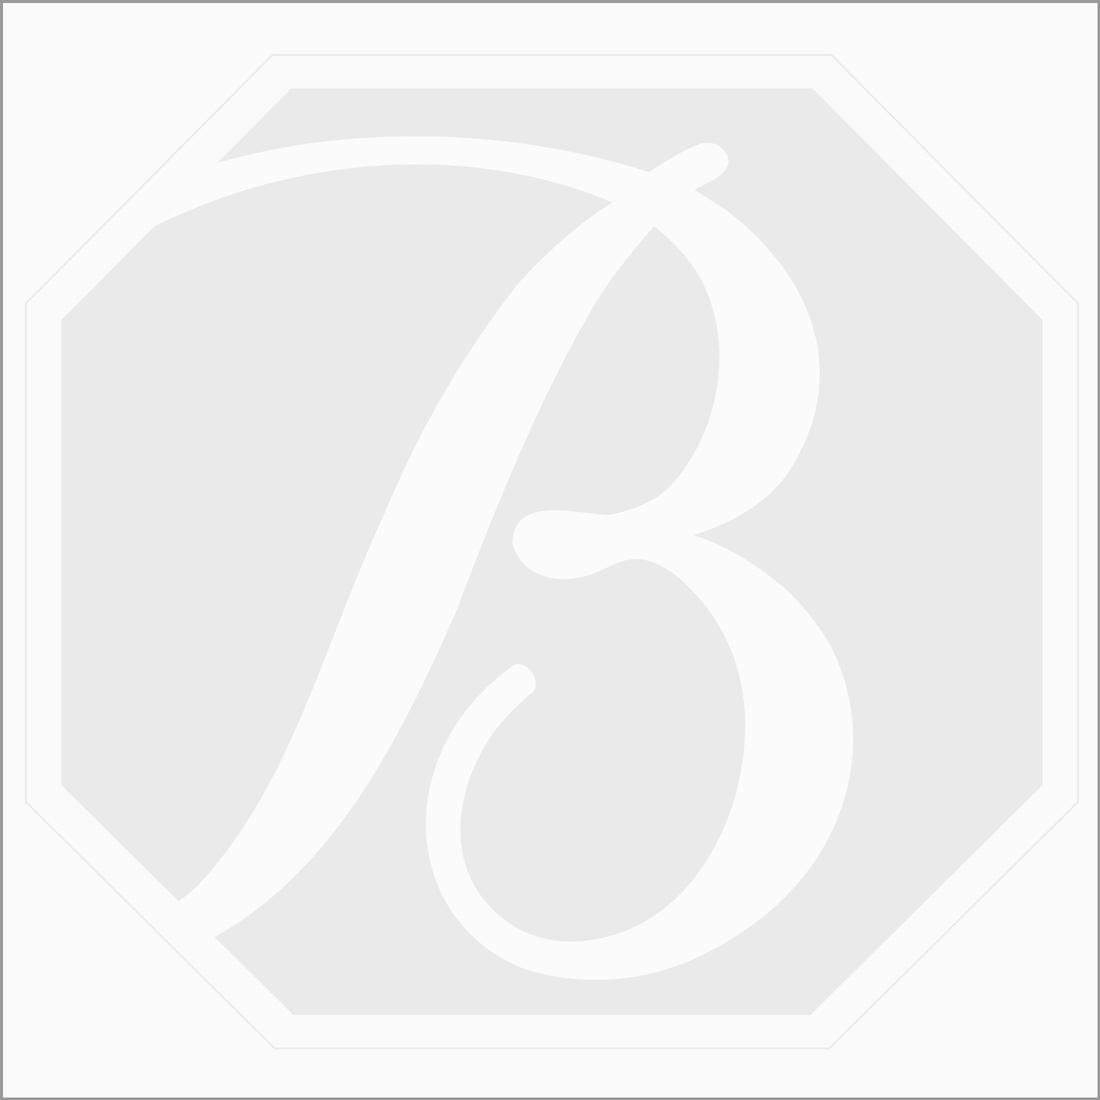 1 pc   - Dark Blue Tourmaline Rose Cut - 4.06 ct. - 13 x 10.5 x 3 mm (TRC1071)